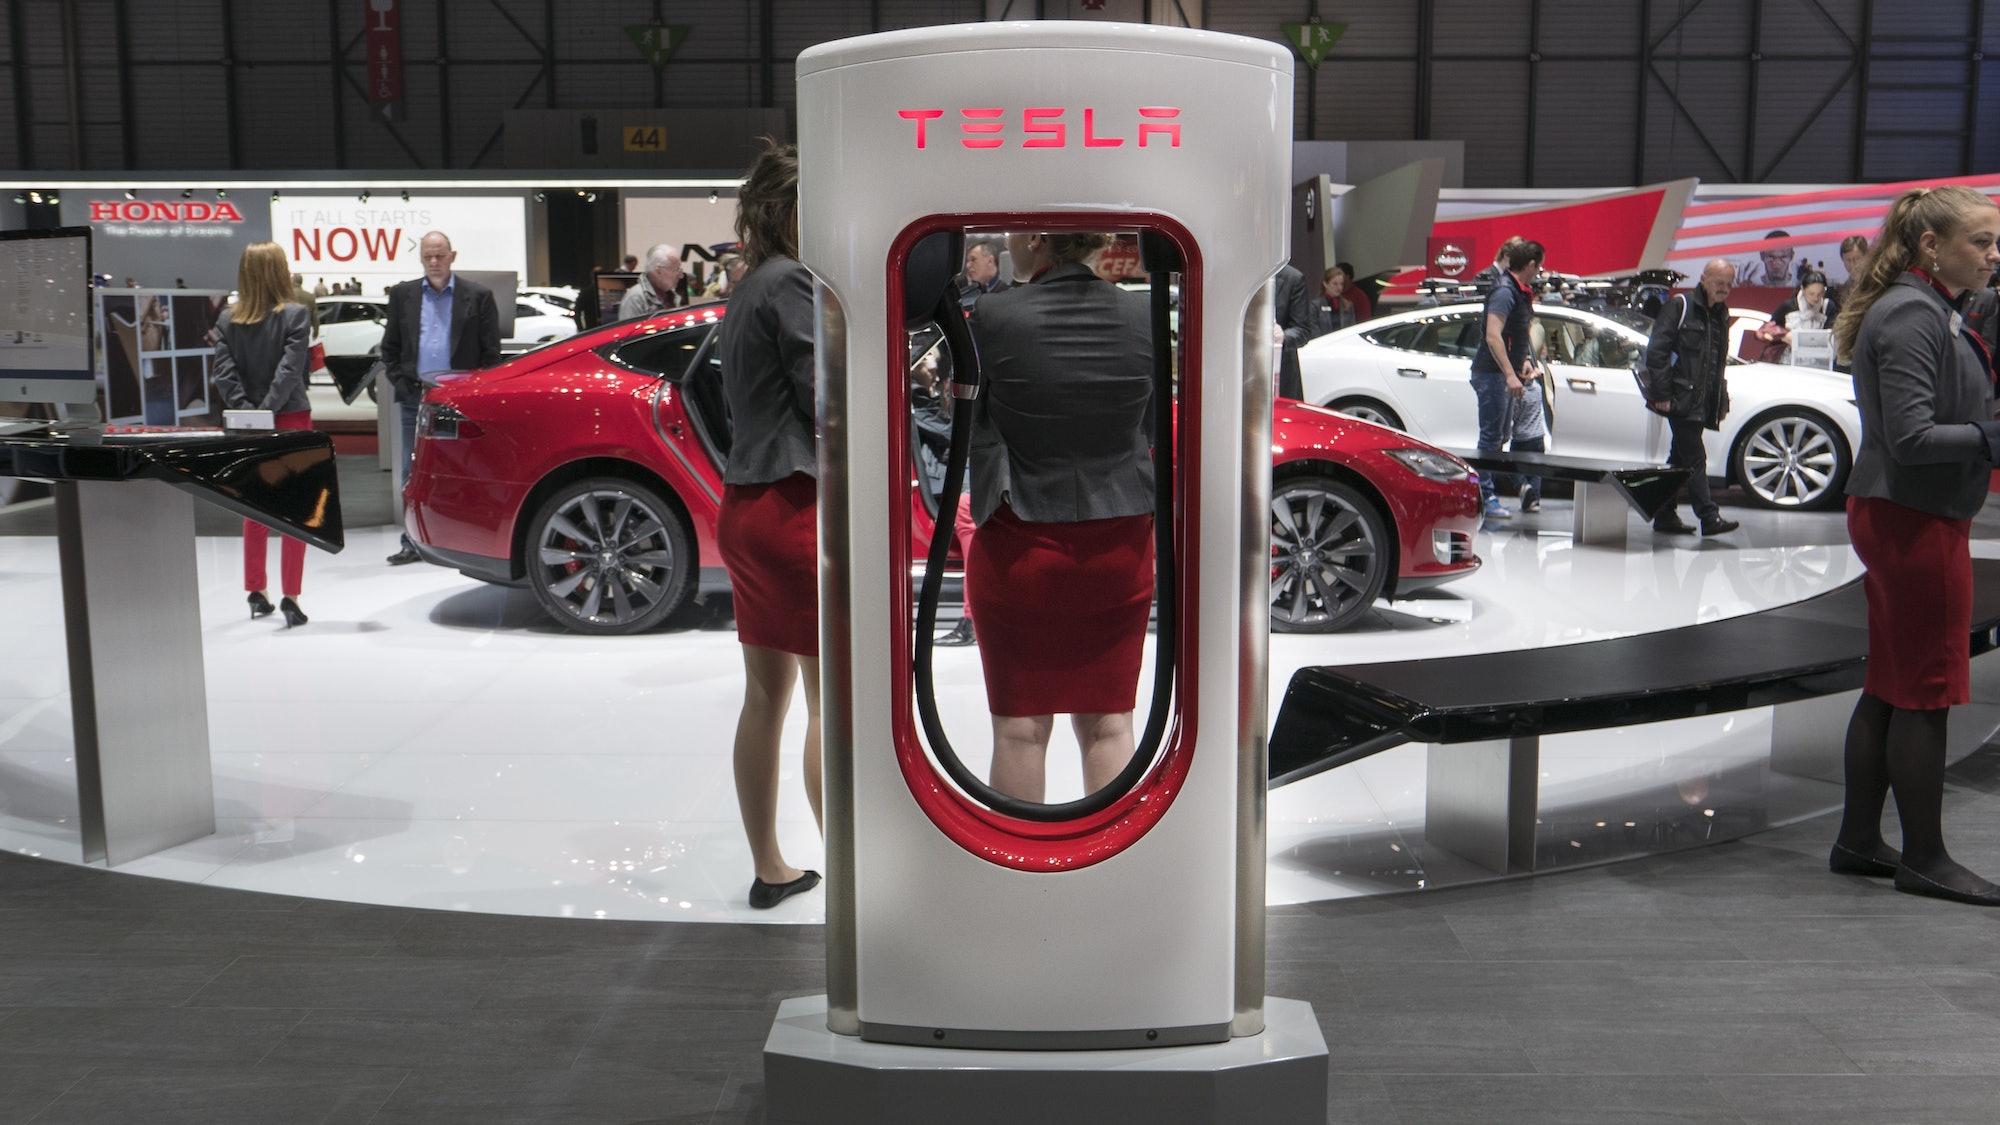 Tesla Superchargers